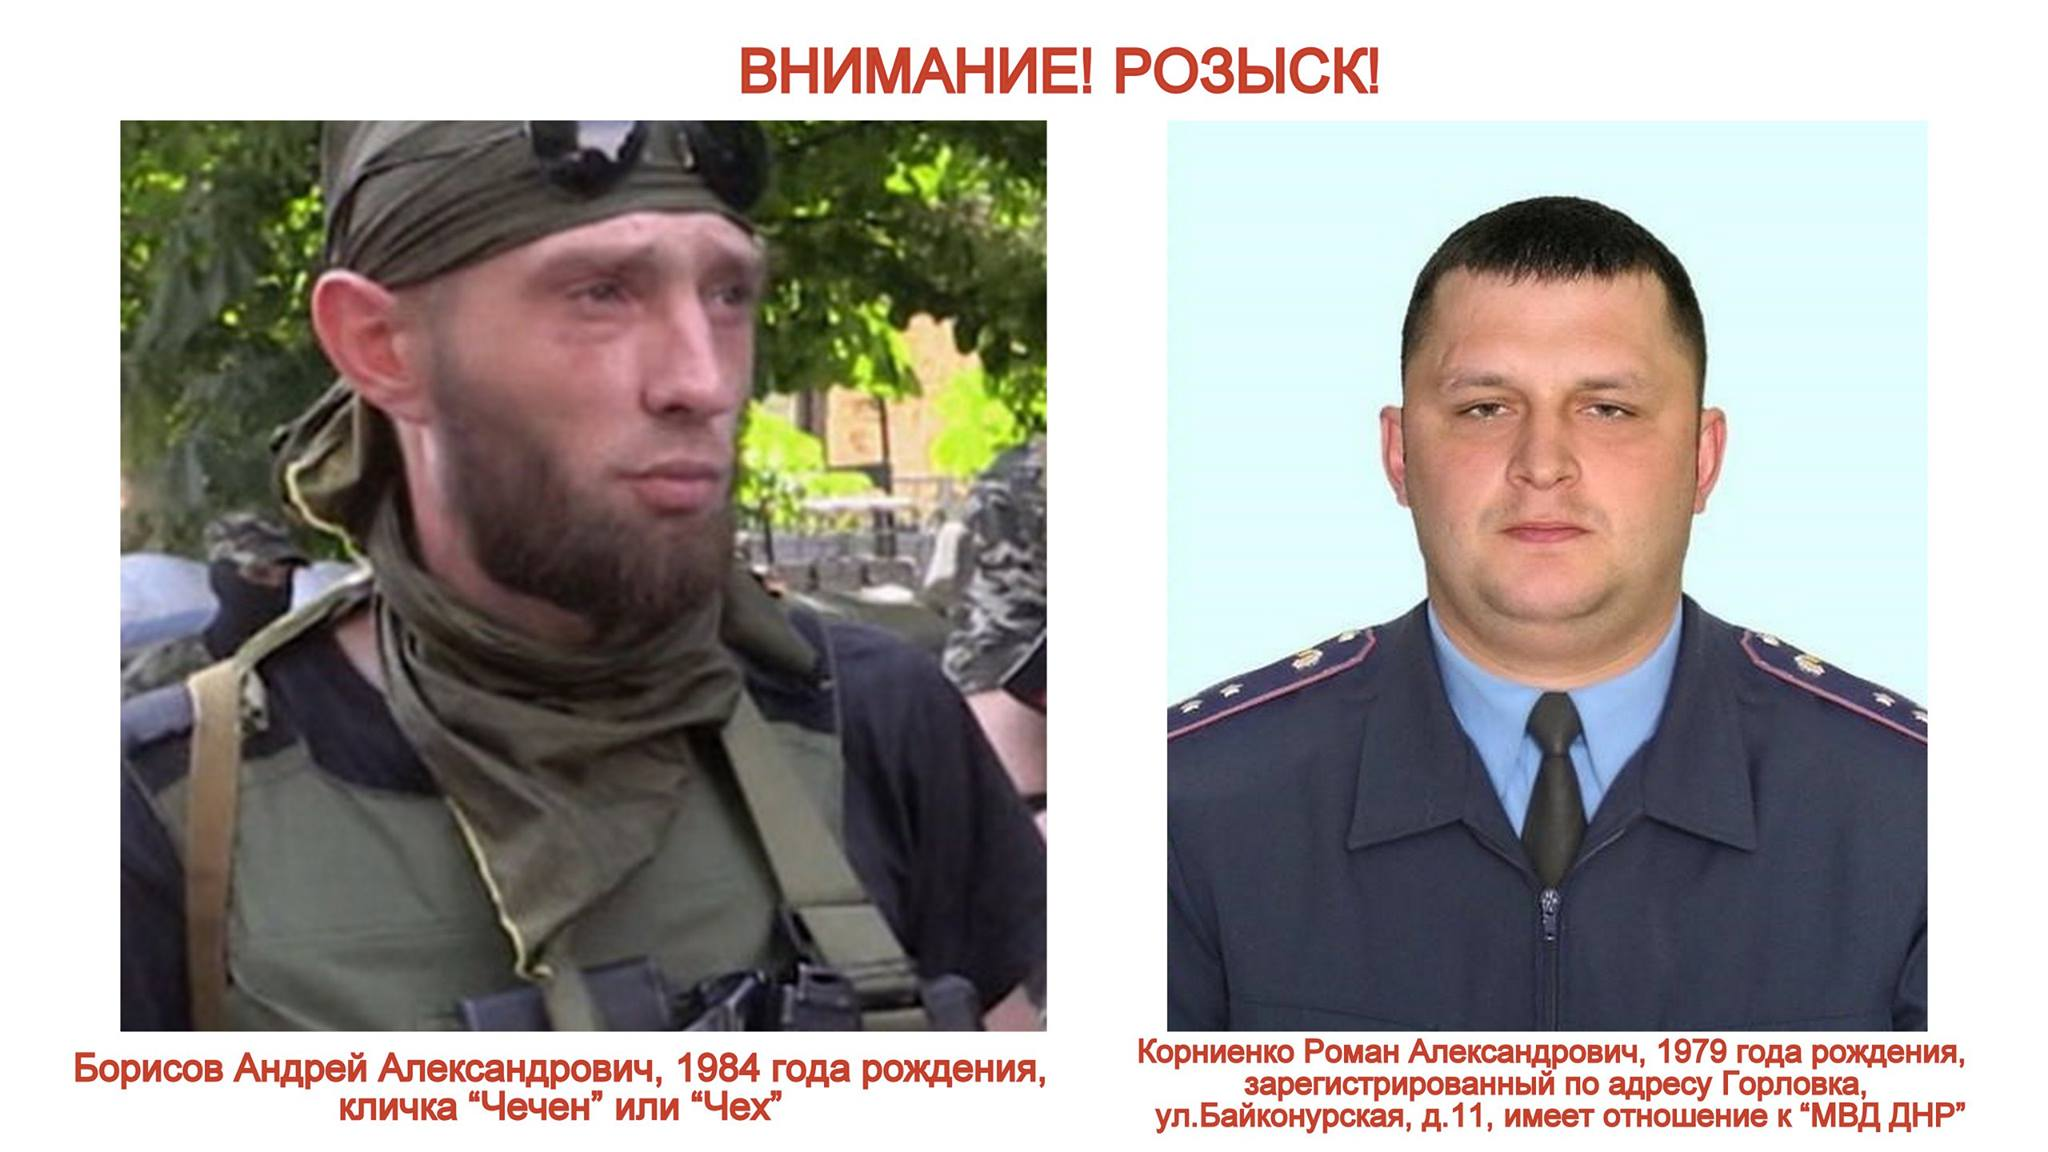 """Інтерпол допоможе шукати двох бойовиків """"ДНР"""", - Аброськін - фото 1"""